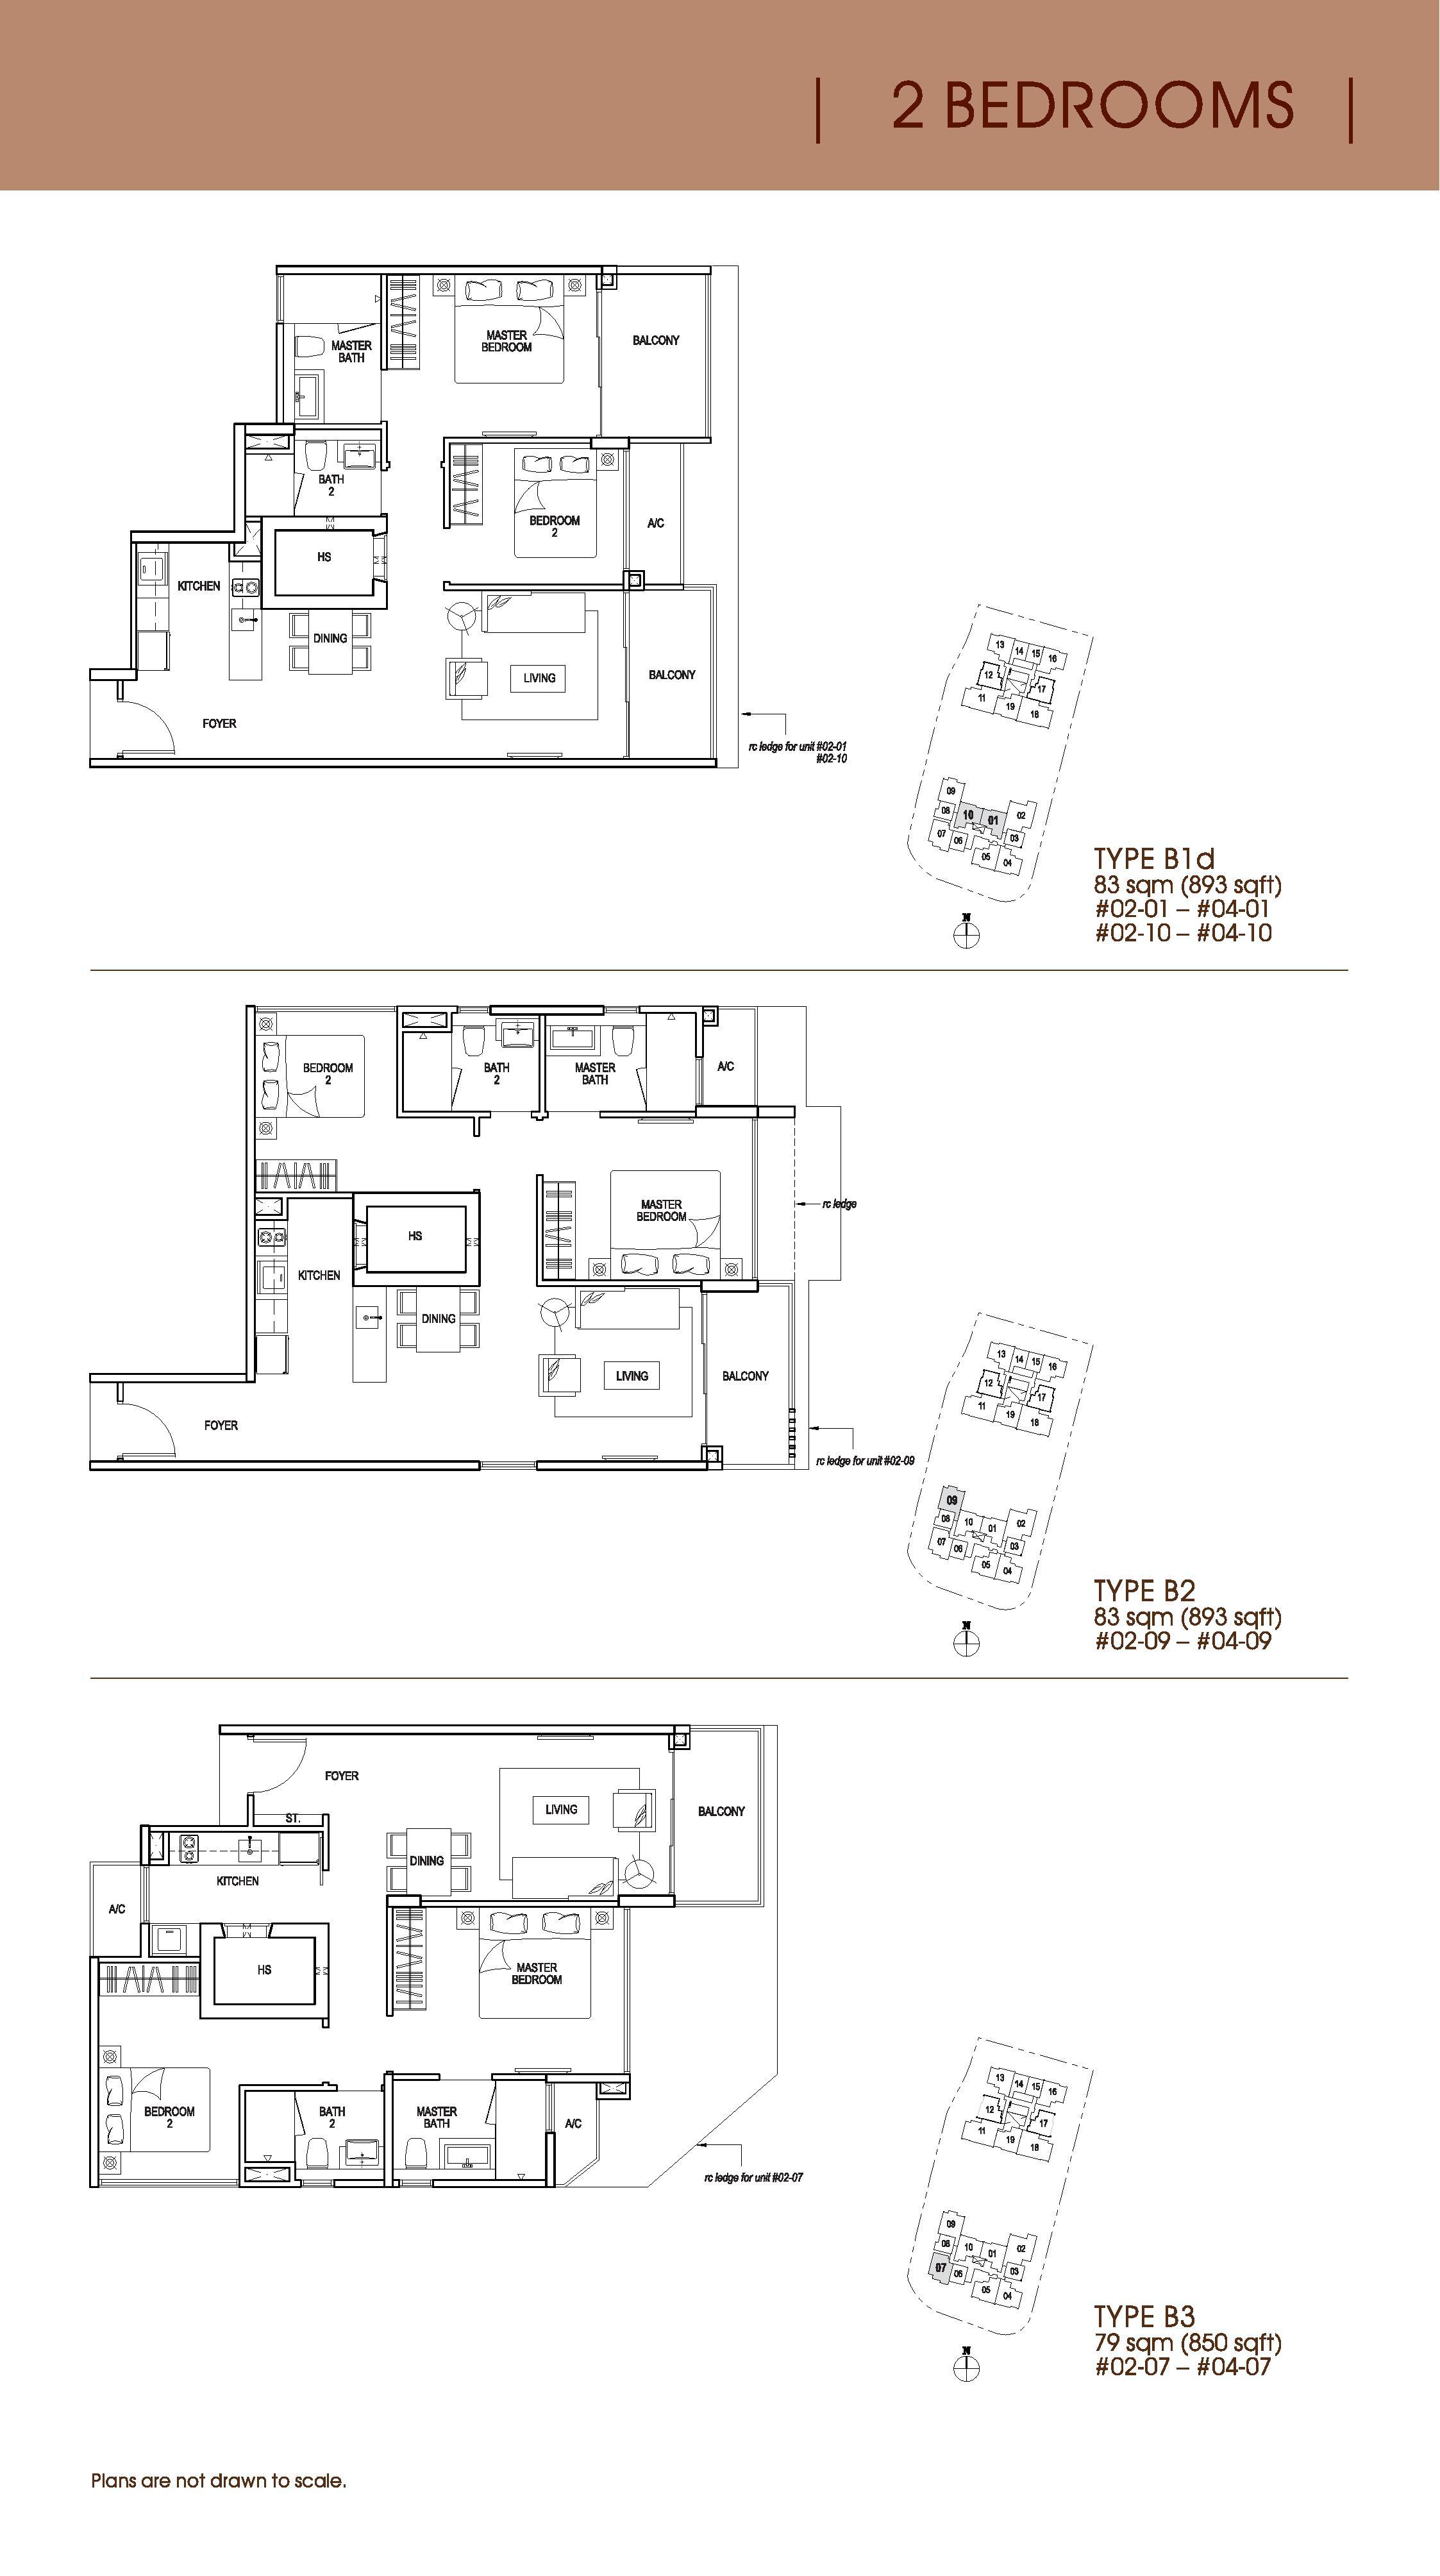 Nin Residence 2 Bedroom Floor Plans Type B1d, B2, B3